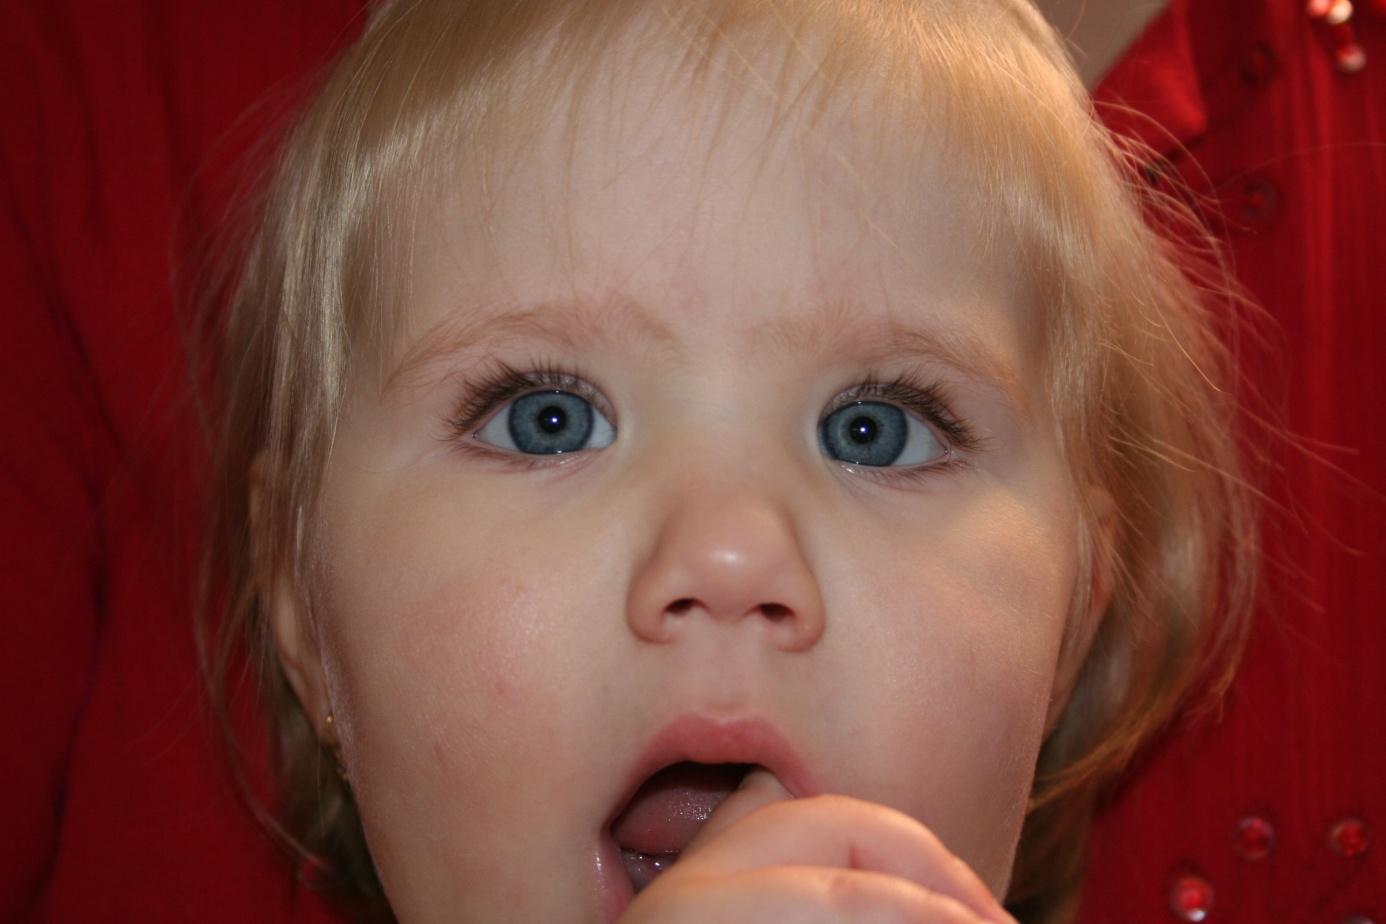 Gyermekkori szemvizsgálat - Mikor vigyük el?   CooperVision